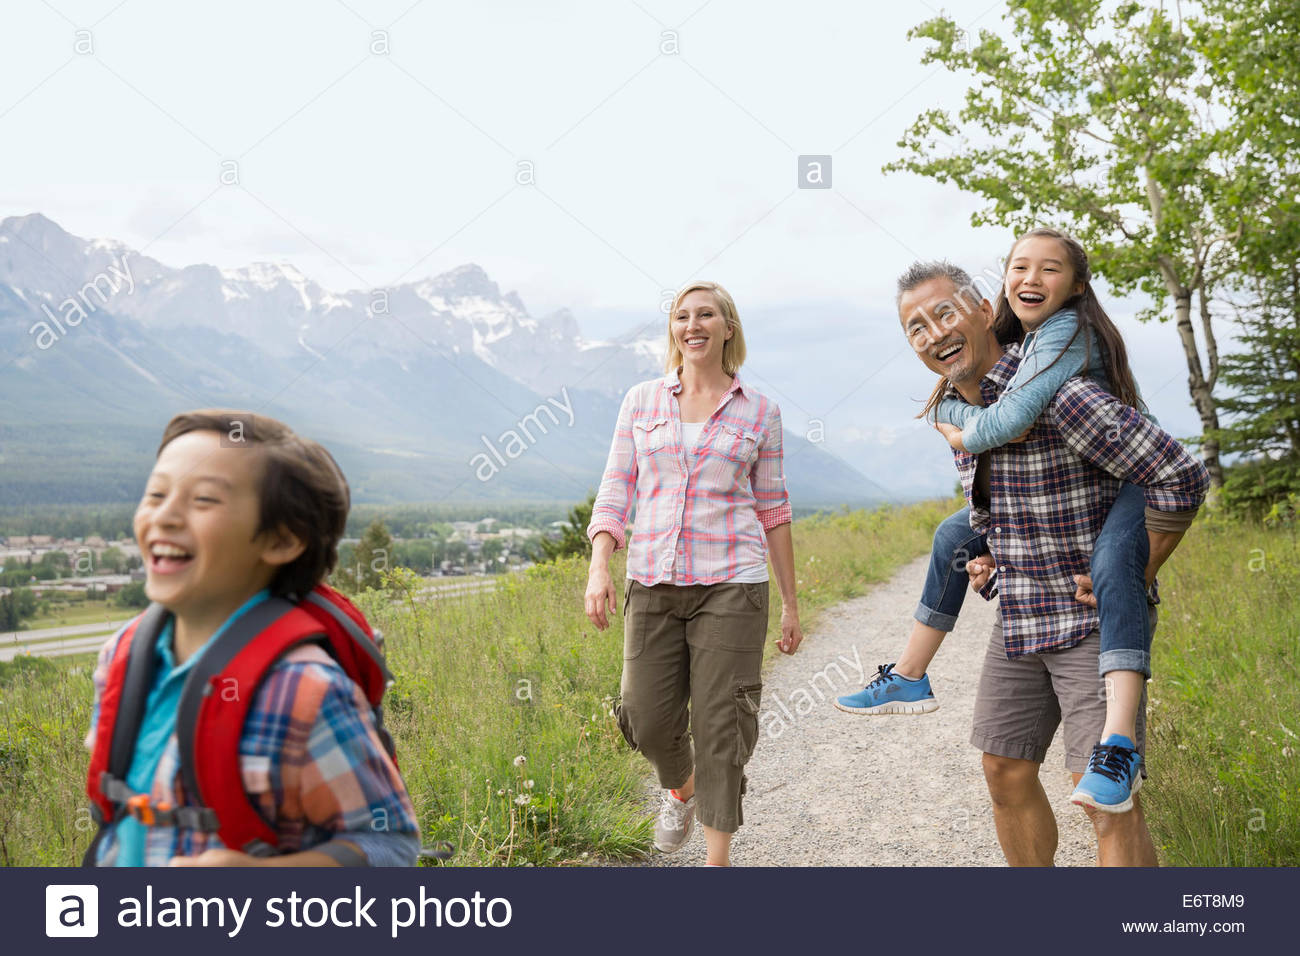 Padres e hija caminando en el sendero de tierra Imagen De Stock